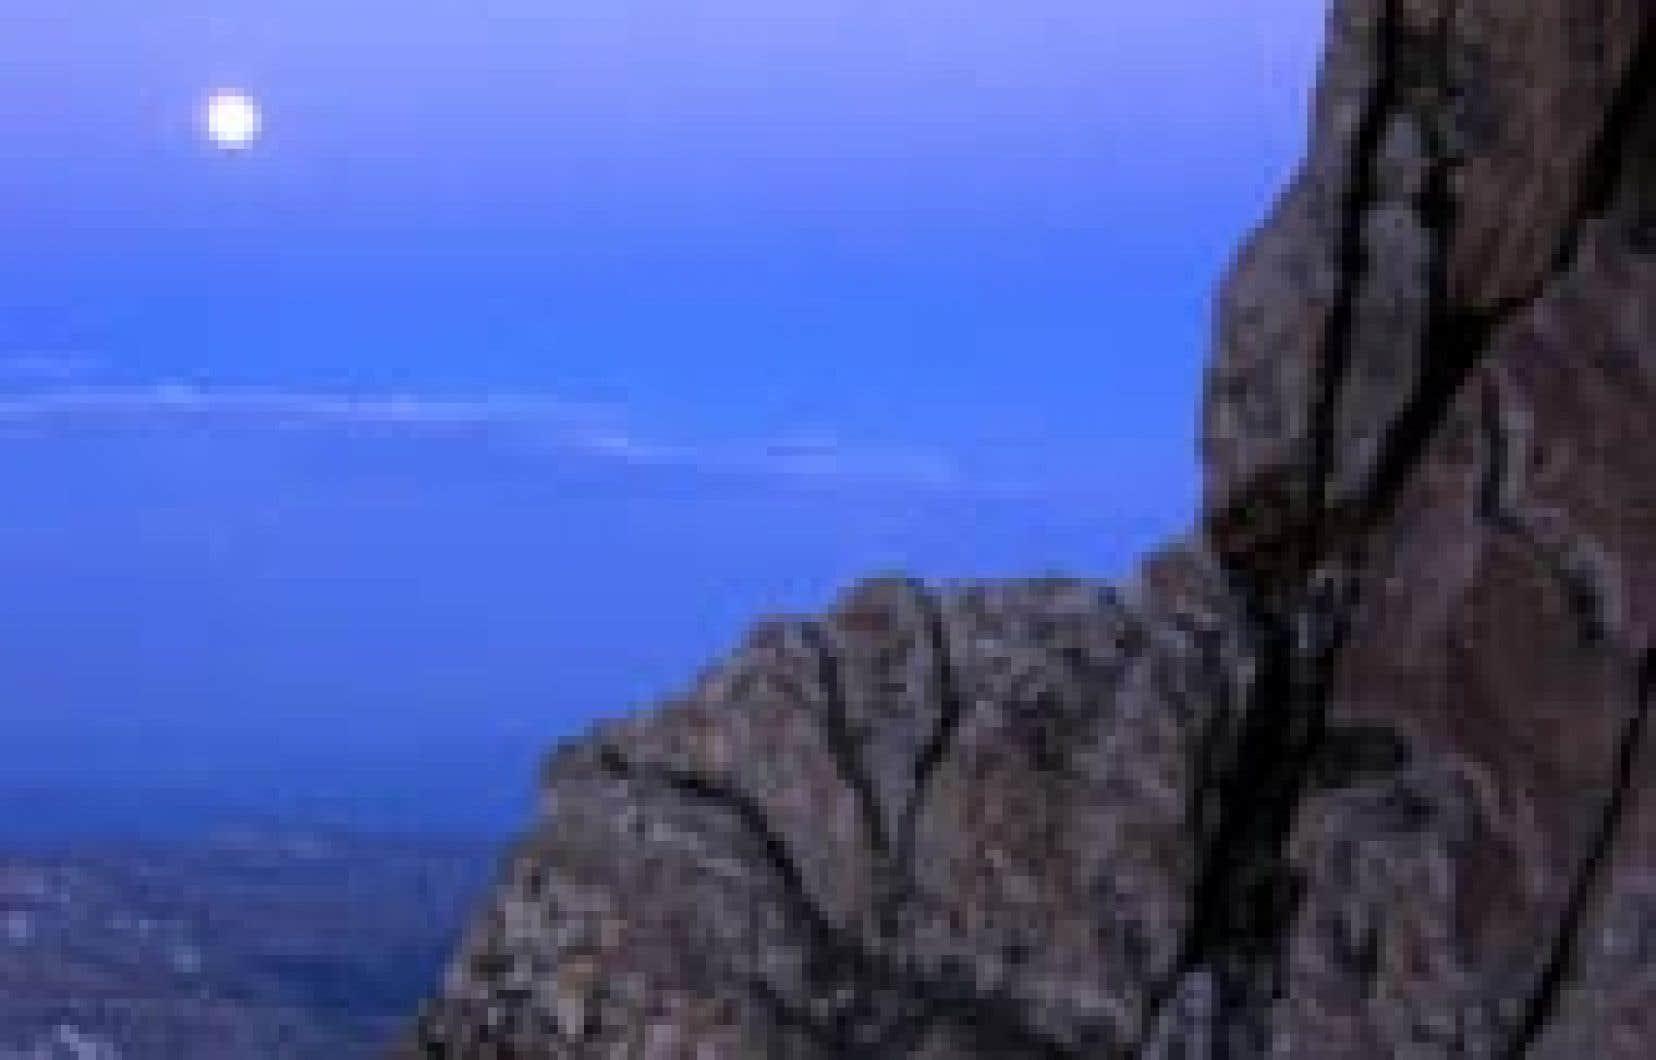 Une belle lune bleue, un événement rare, brille dans le ciel du parc du Grand Teton, dans l'État du Wyoming, où un alpiniste a capté cette image.